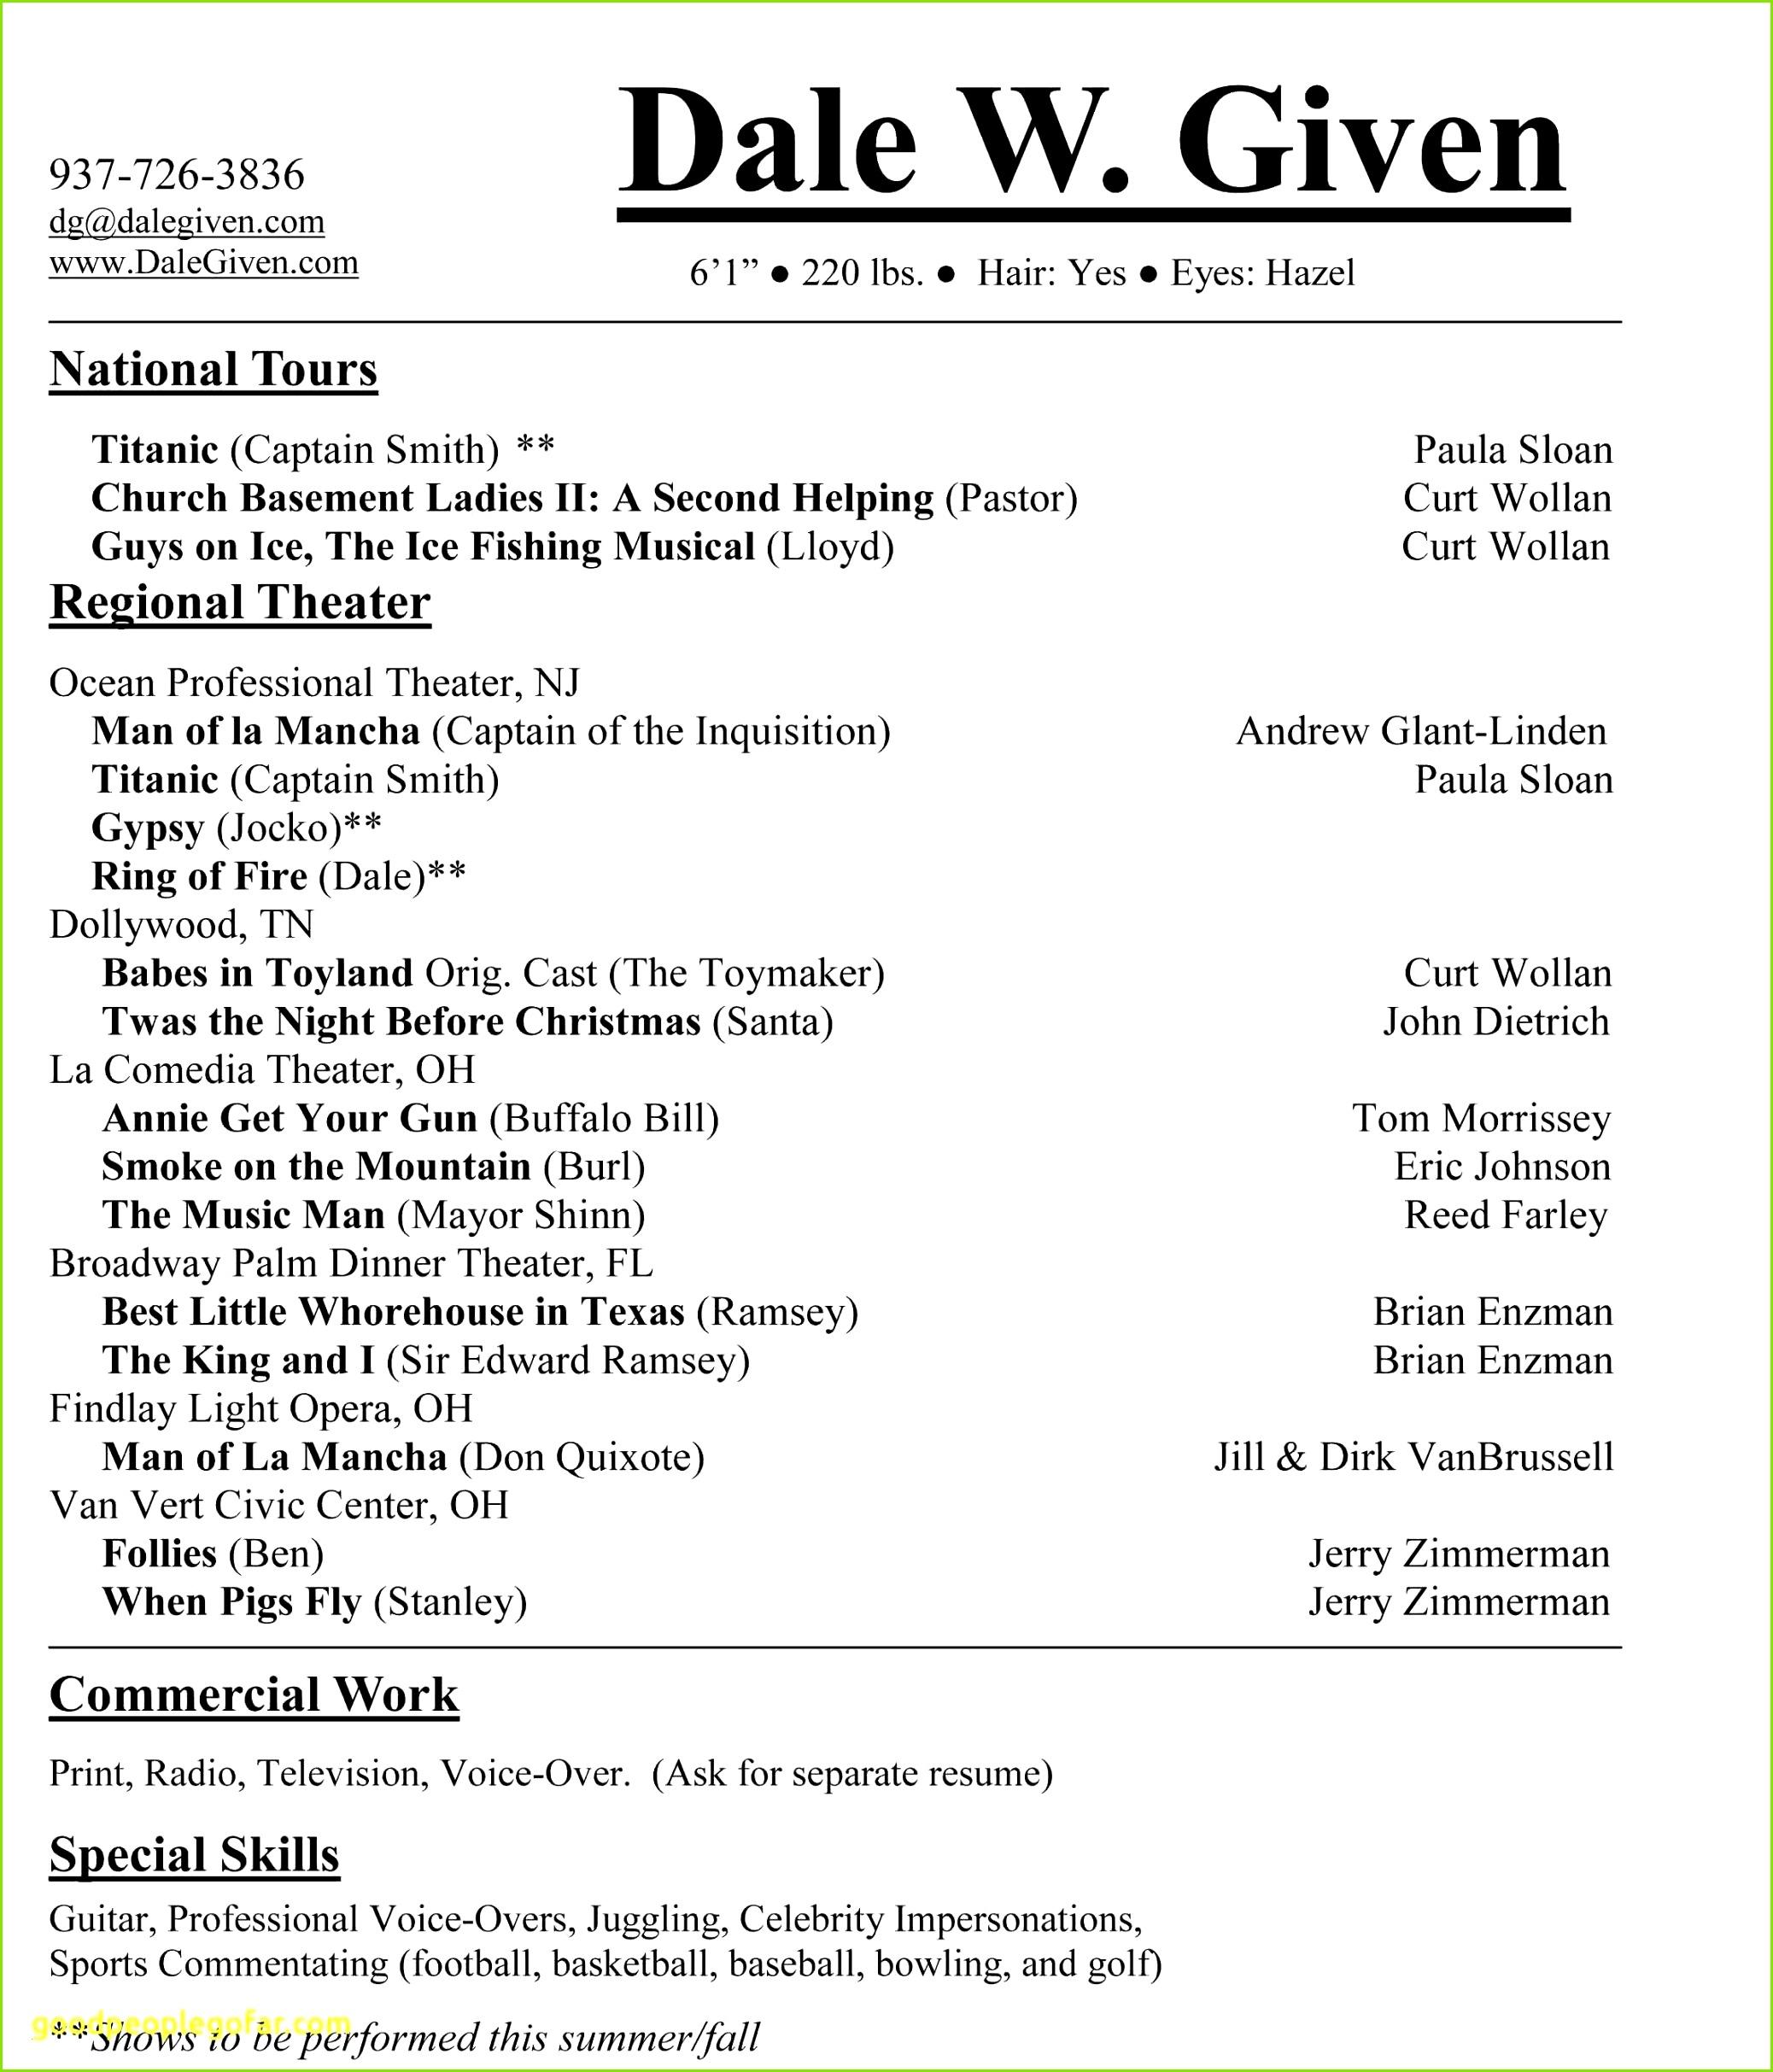 6 Second Resume Template Fresh Skills for A Resume Fishing Resume 0d 38 Schöpfung Initiativbewerbung Vorlage douglaschannelenergy – Musical Gutschein